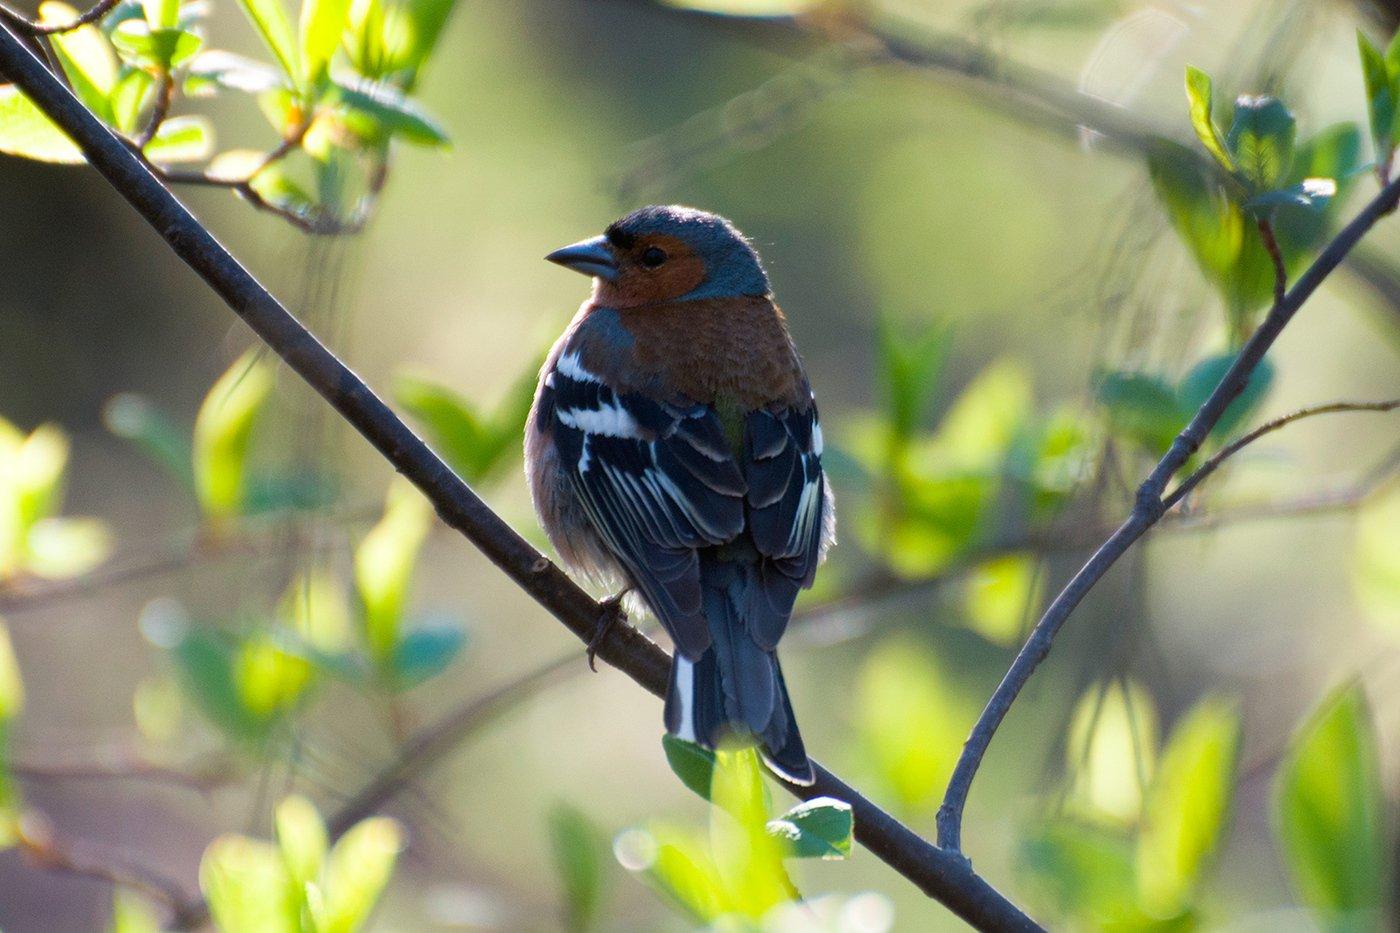 На горле, верхней части грудки и по бокам оперение птички. Зяблик птица самец и самка - 33 фото - картинки: смотреть